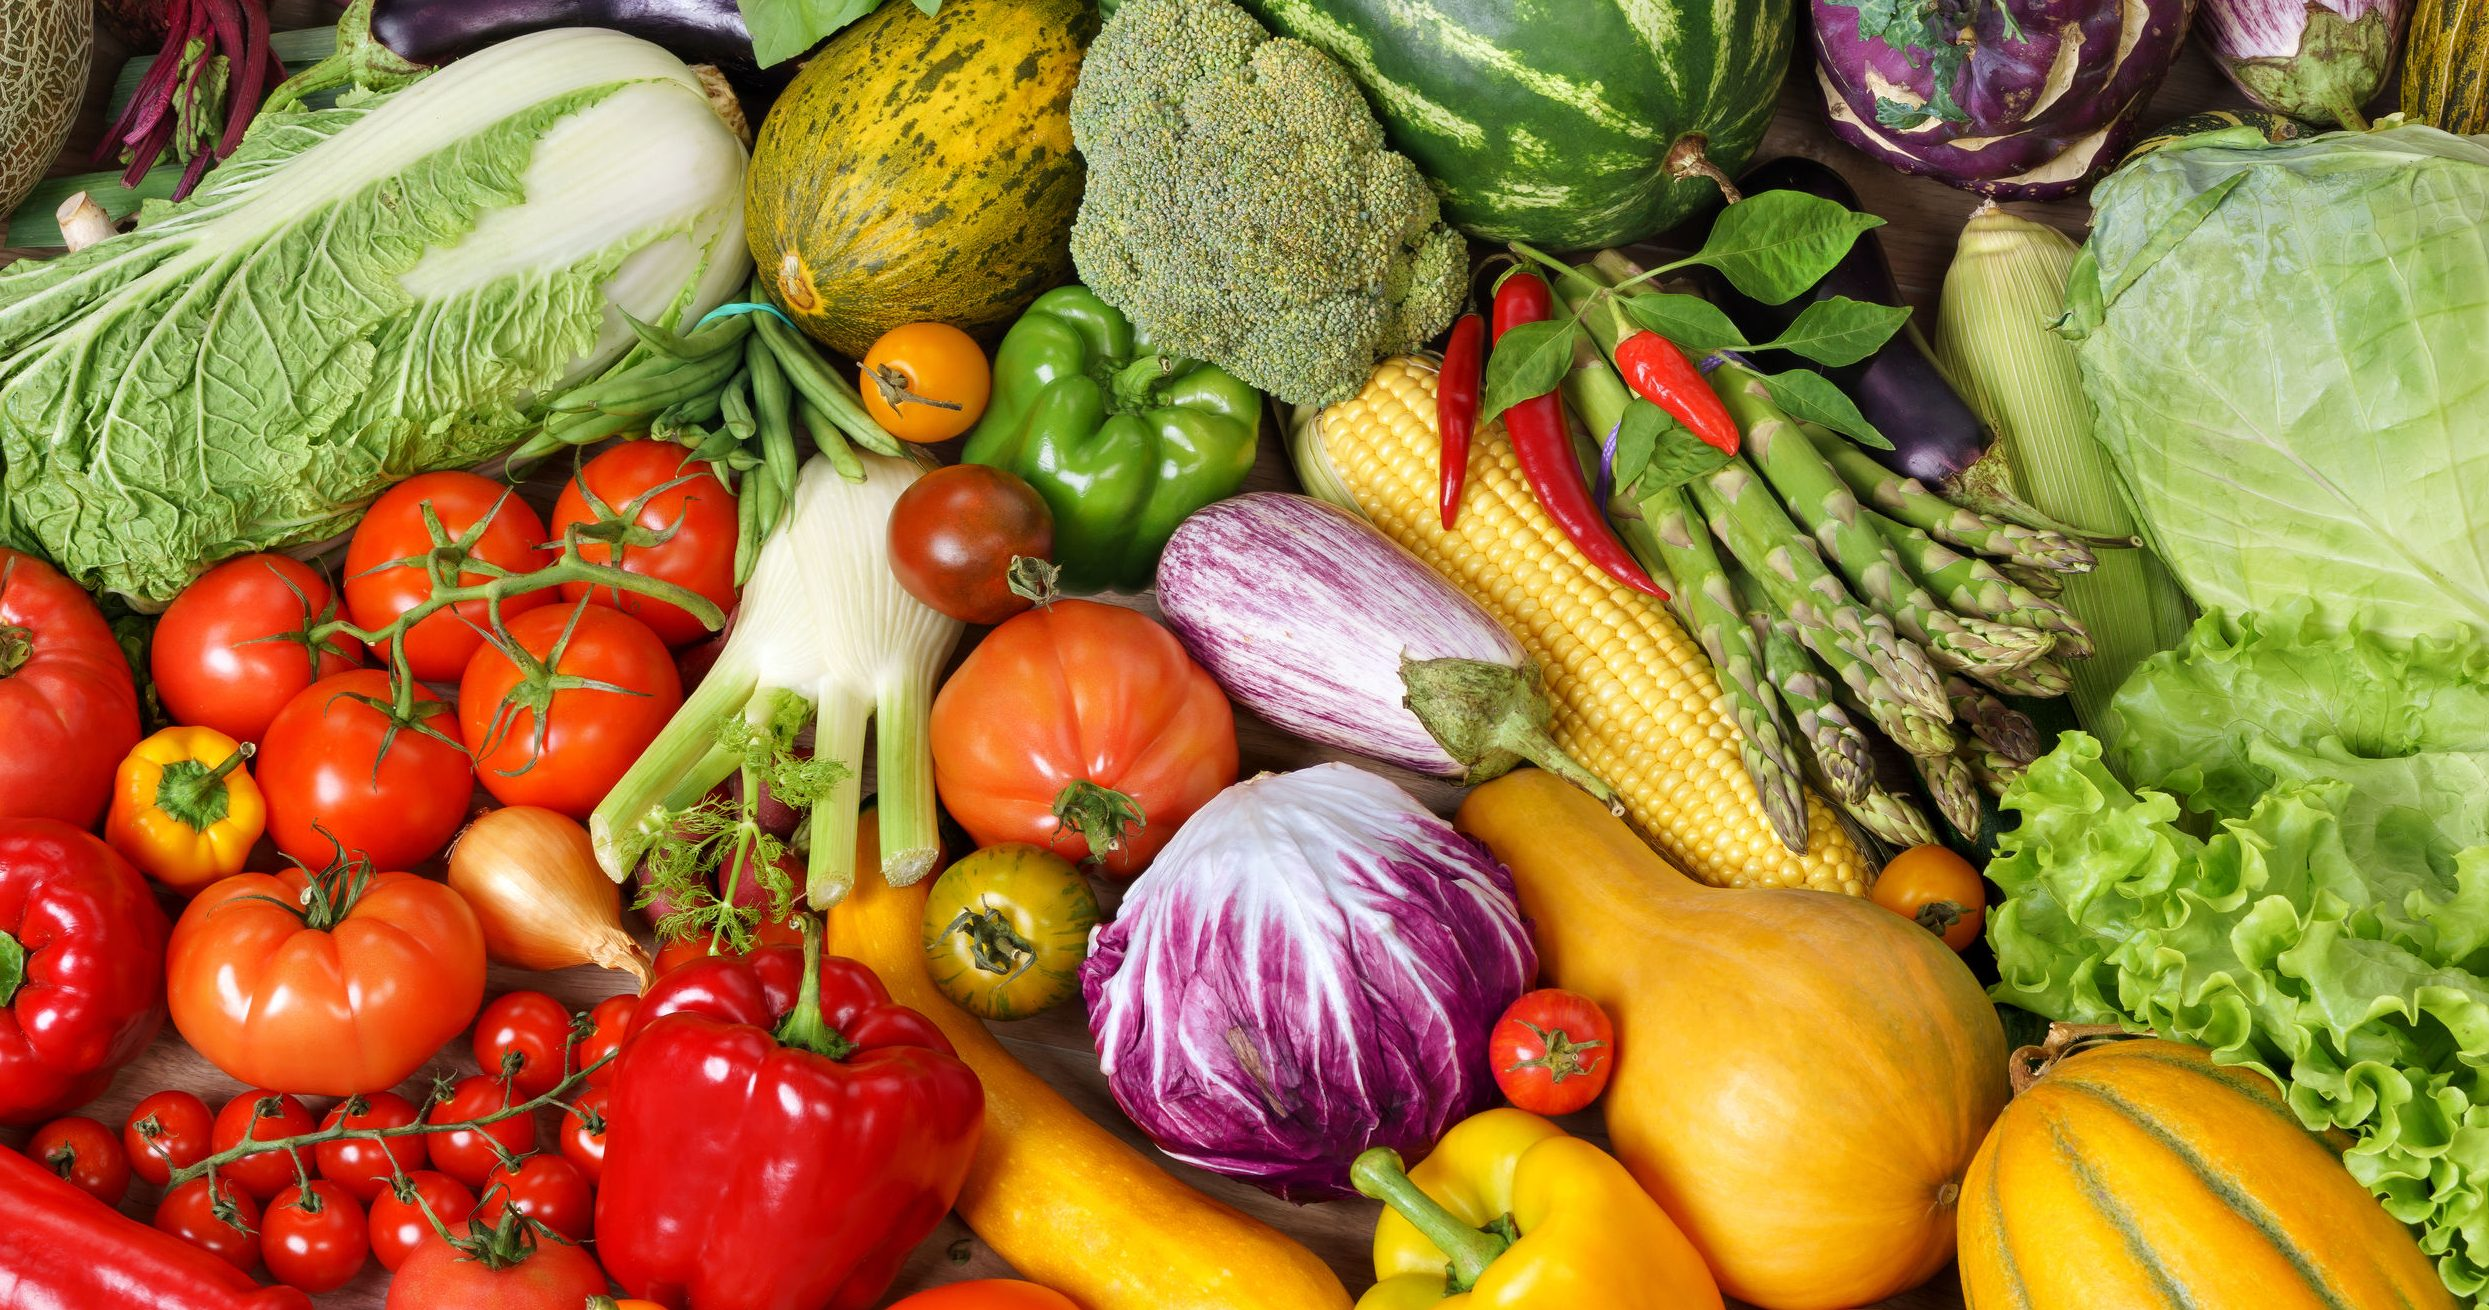 frutas e vegetais para uma dieta saudável